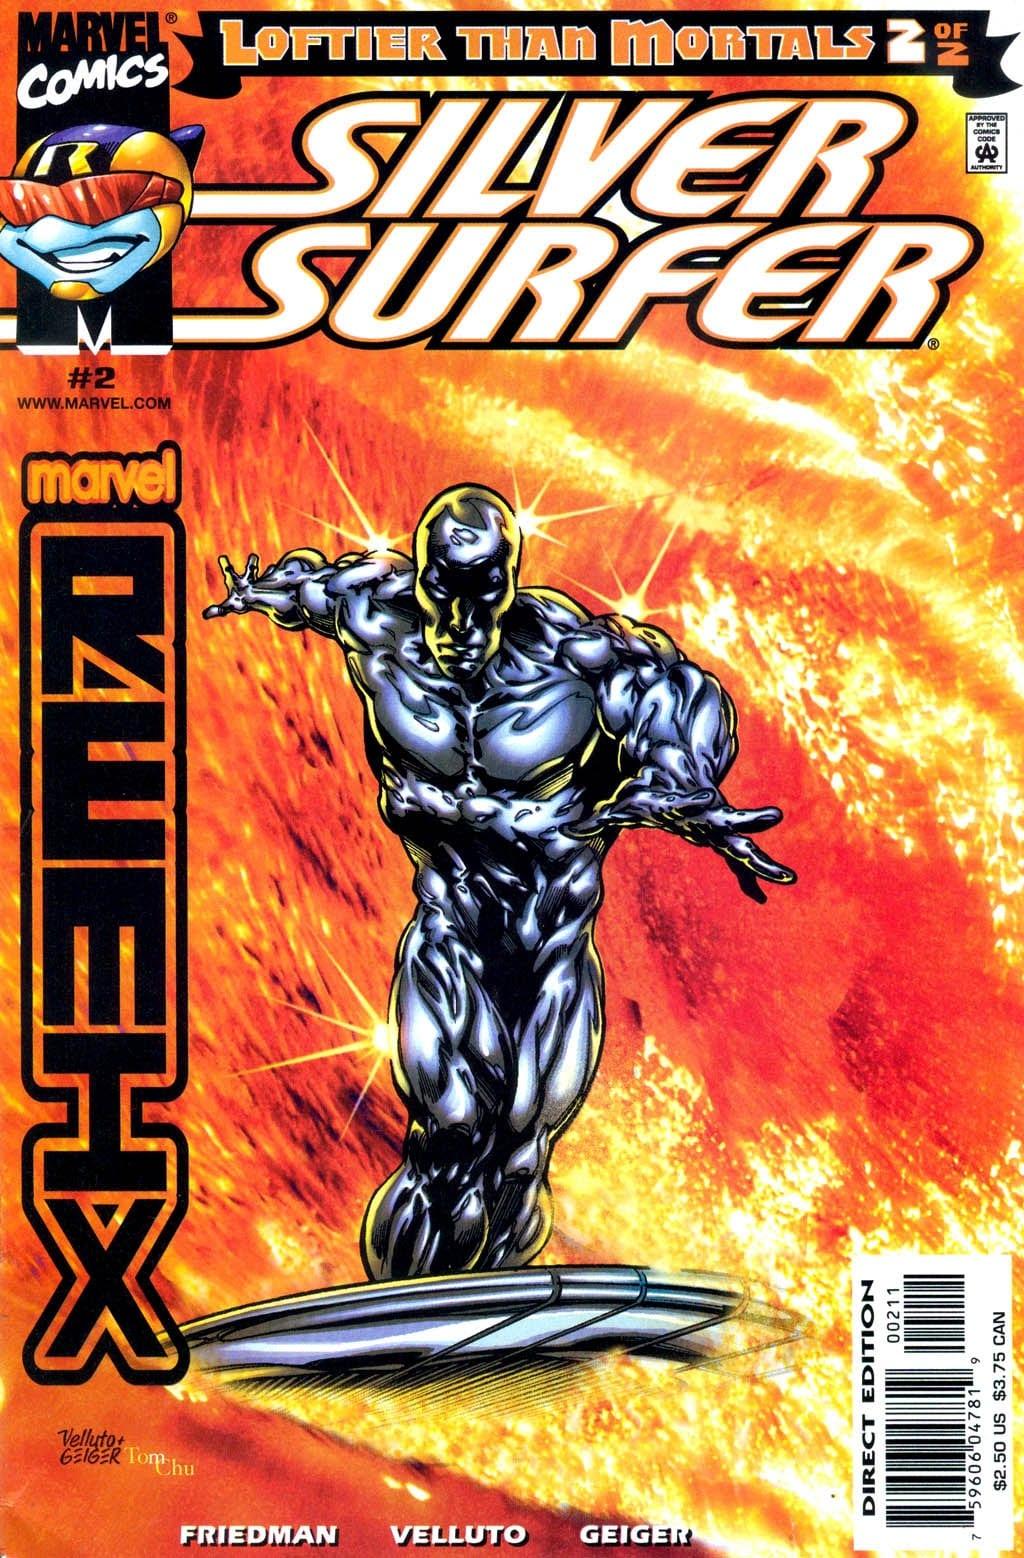 Comic completo Silver Surfer: Loftier Than Mortals